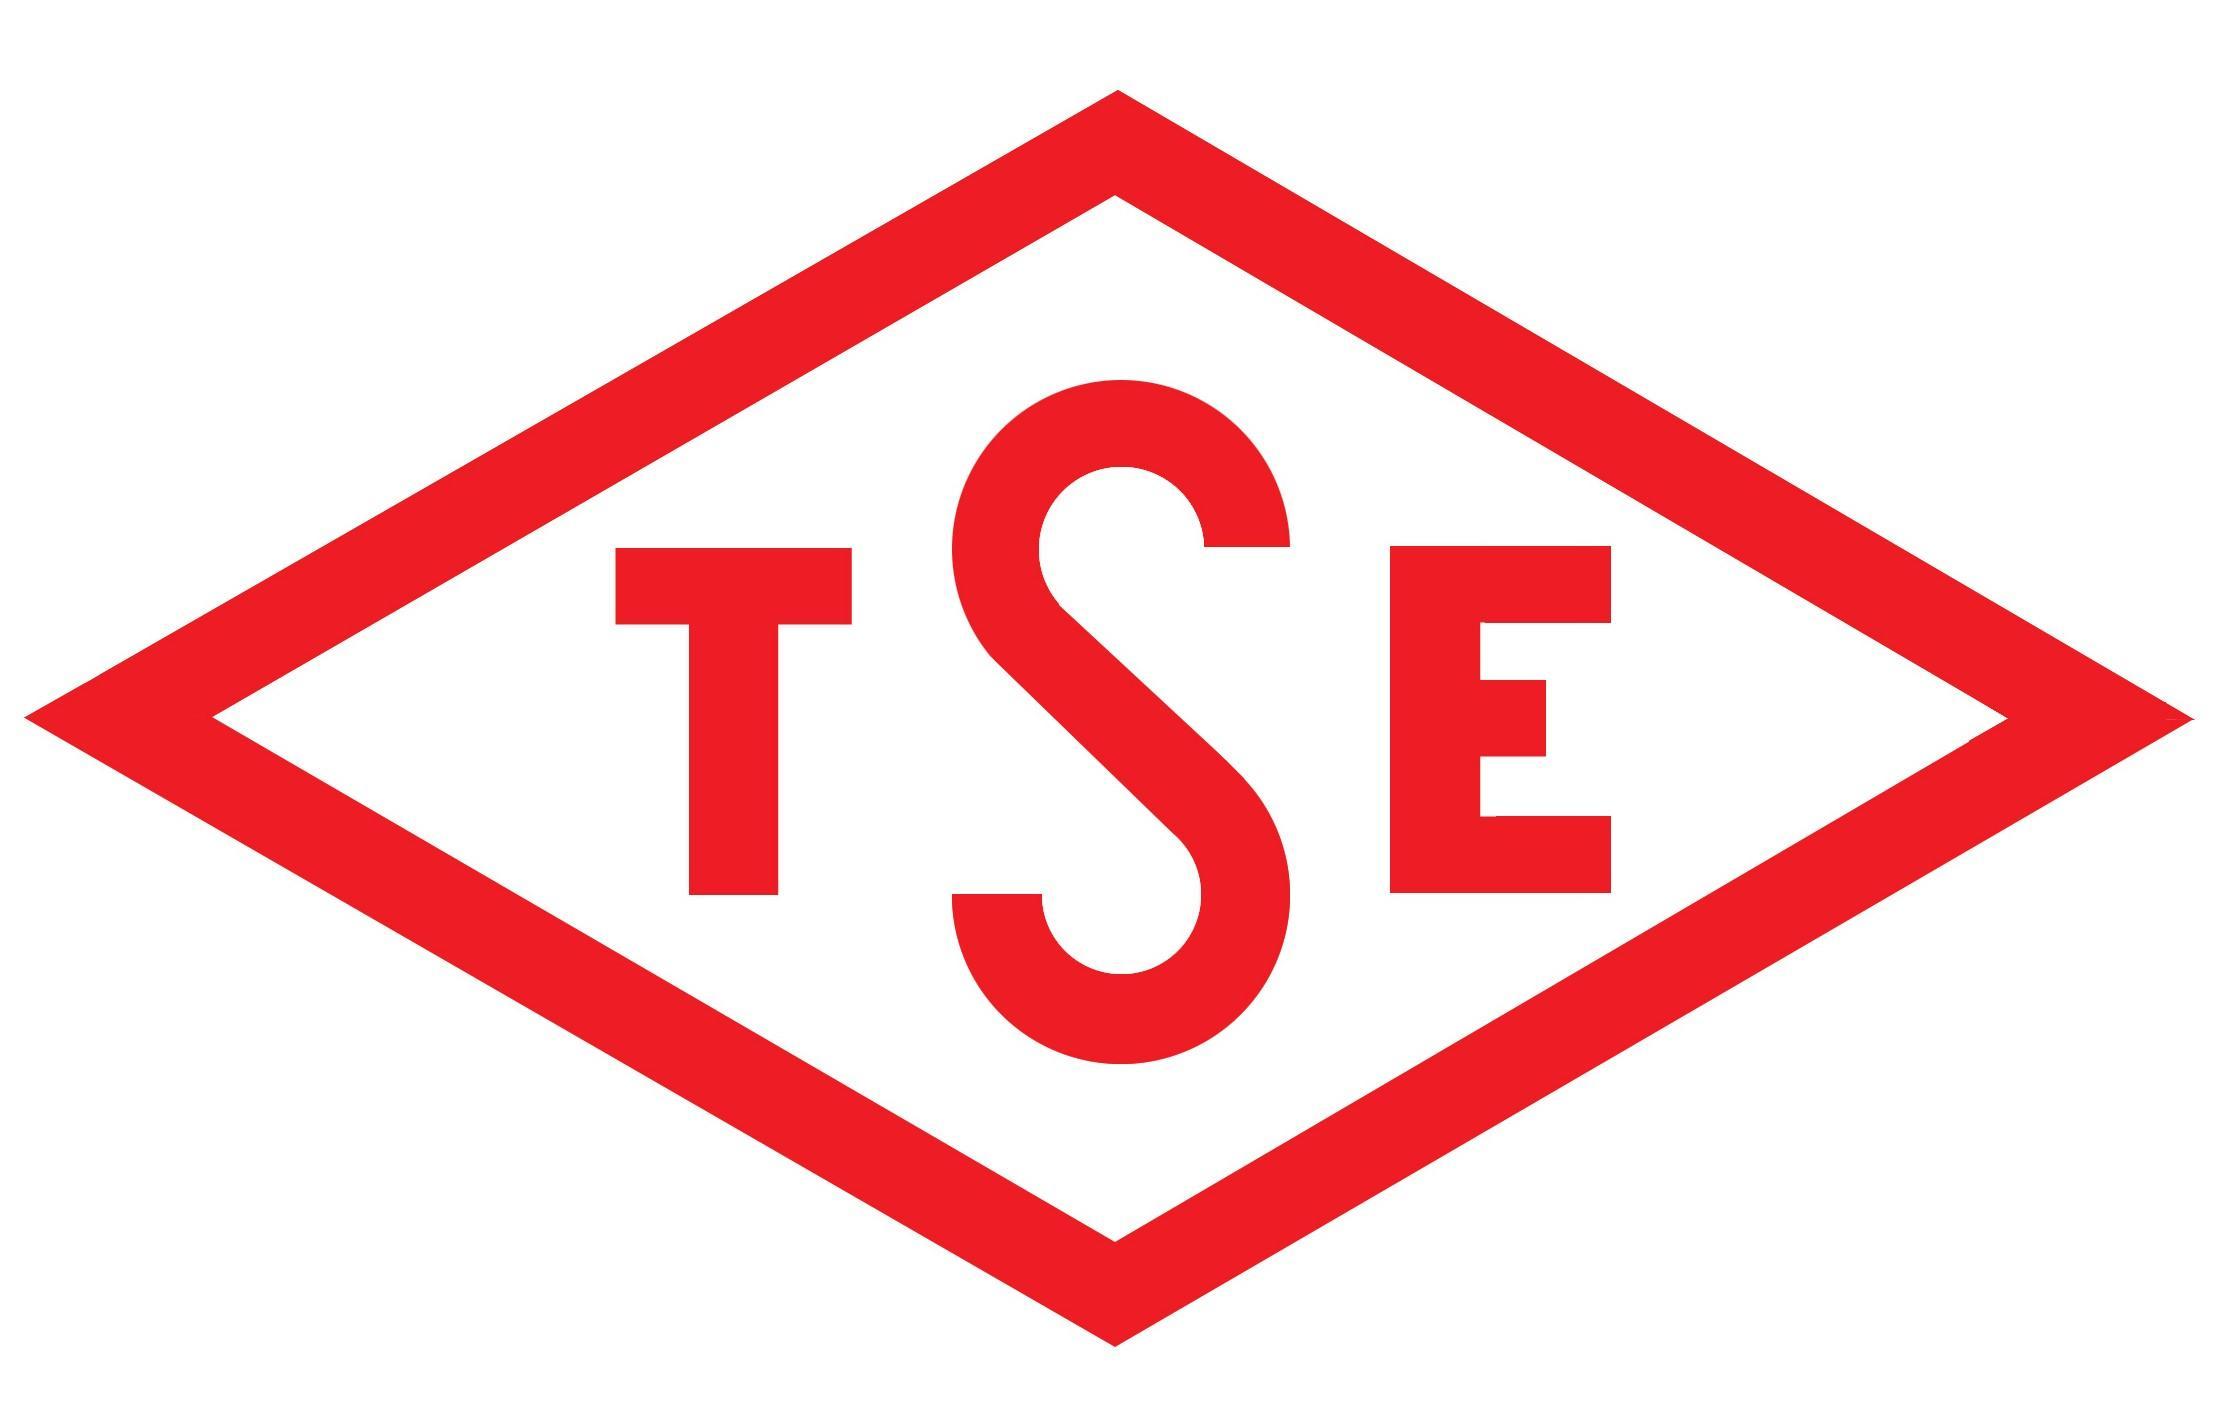 TSE deney hizmeti alınabilecek laboratuvar kriterleri